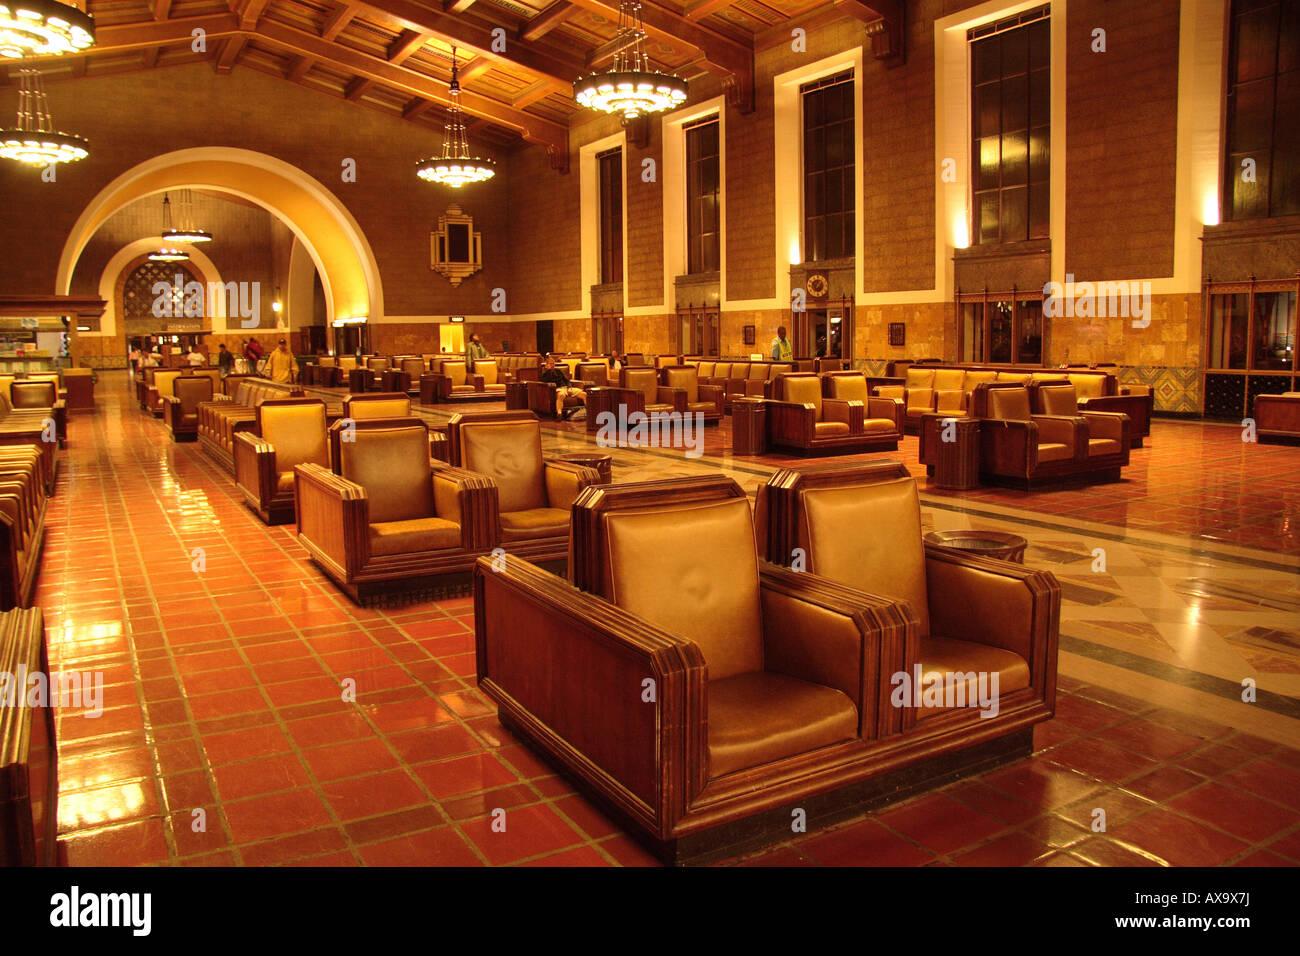 Interior Los Angeles Union Station 1940 decoración del vestíbulo Imagen De Stock